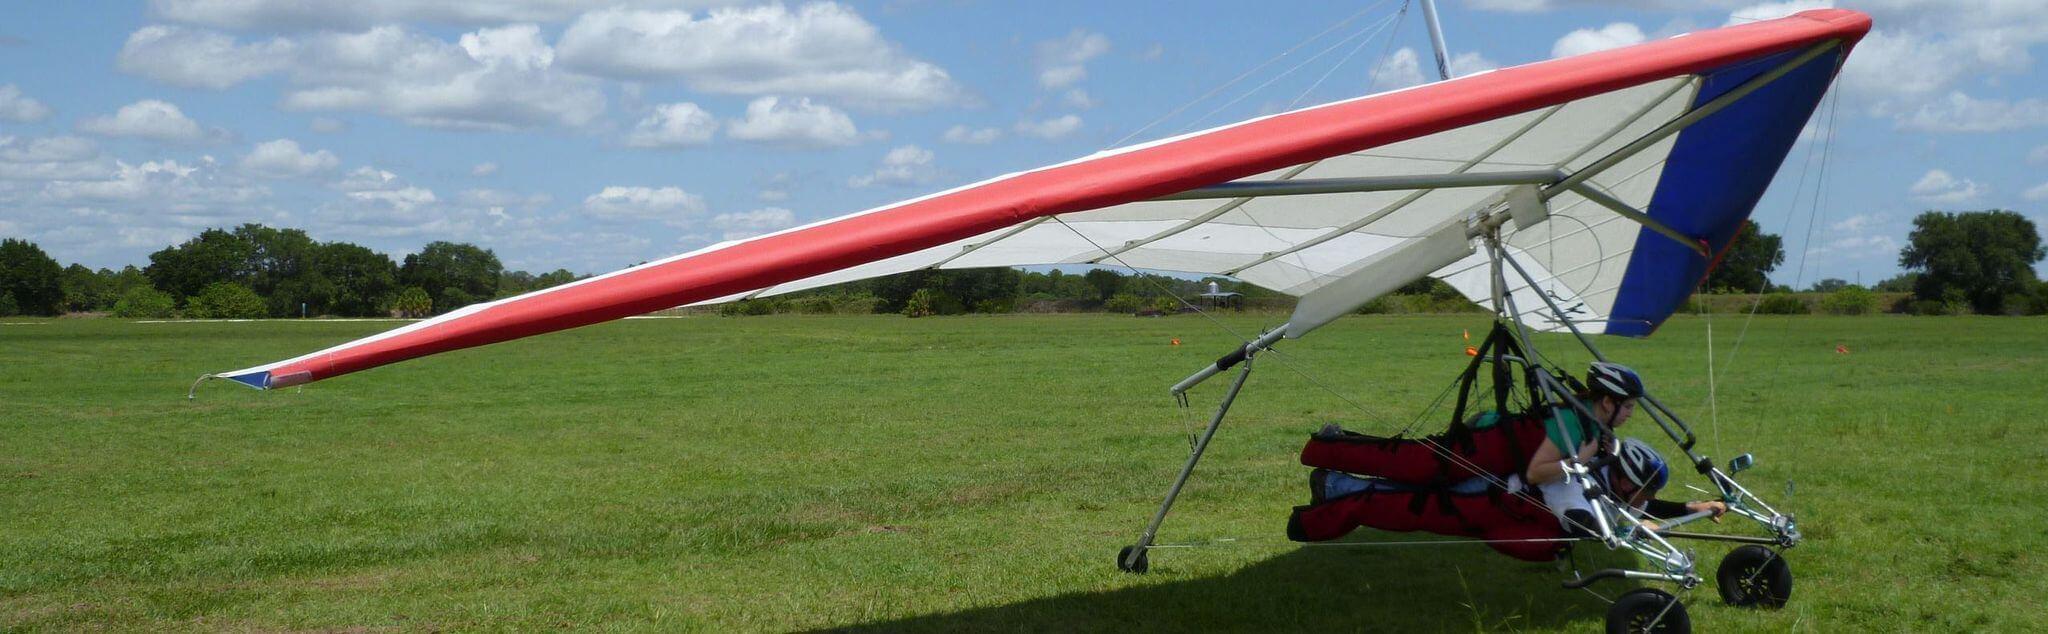 Deltaplane dans Saint Claude